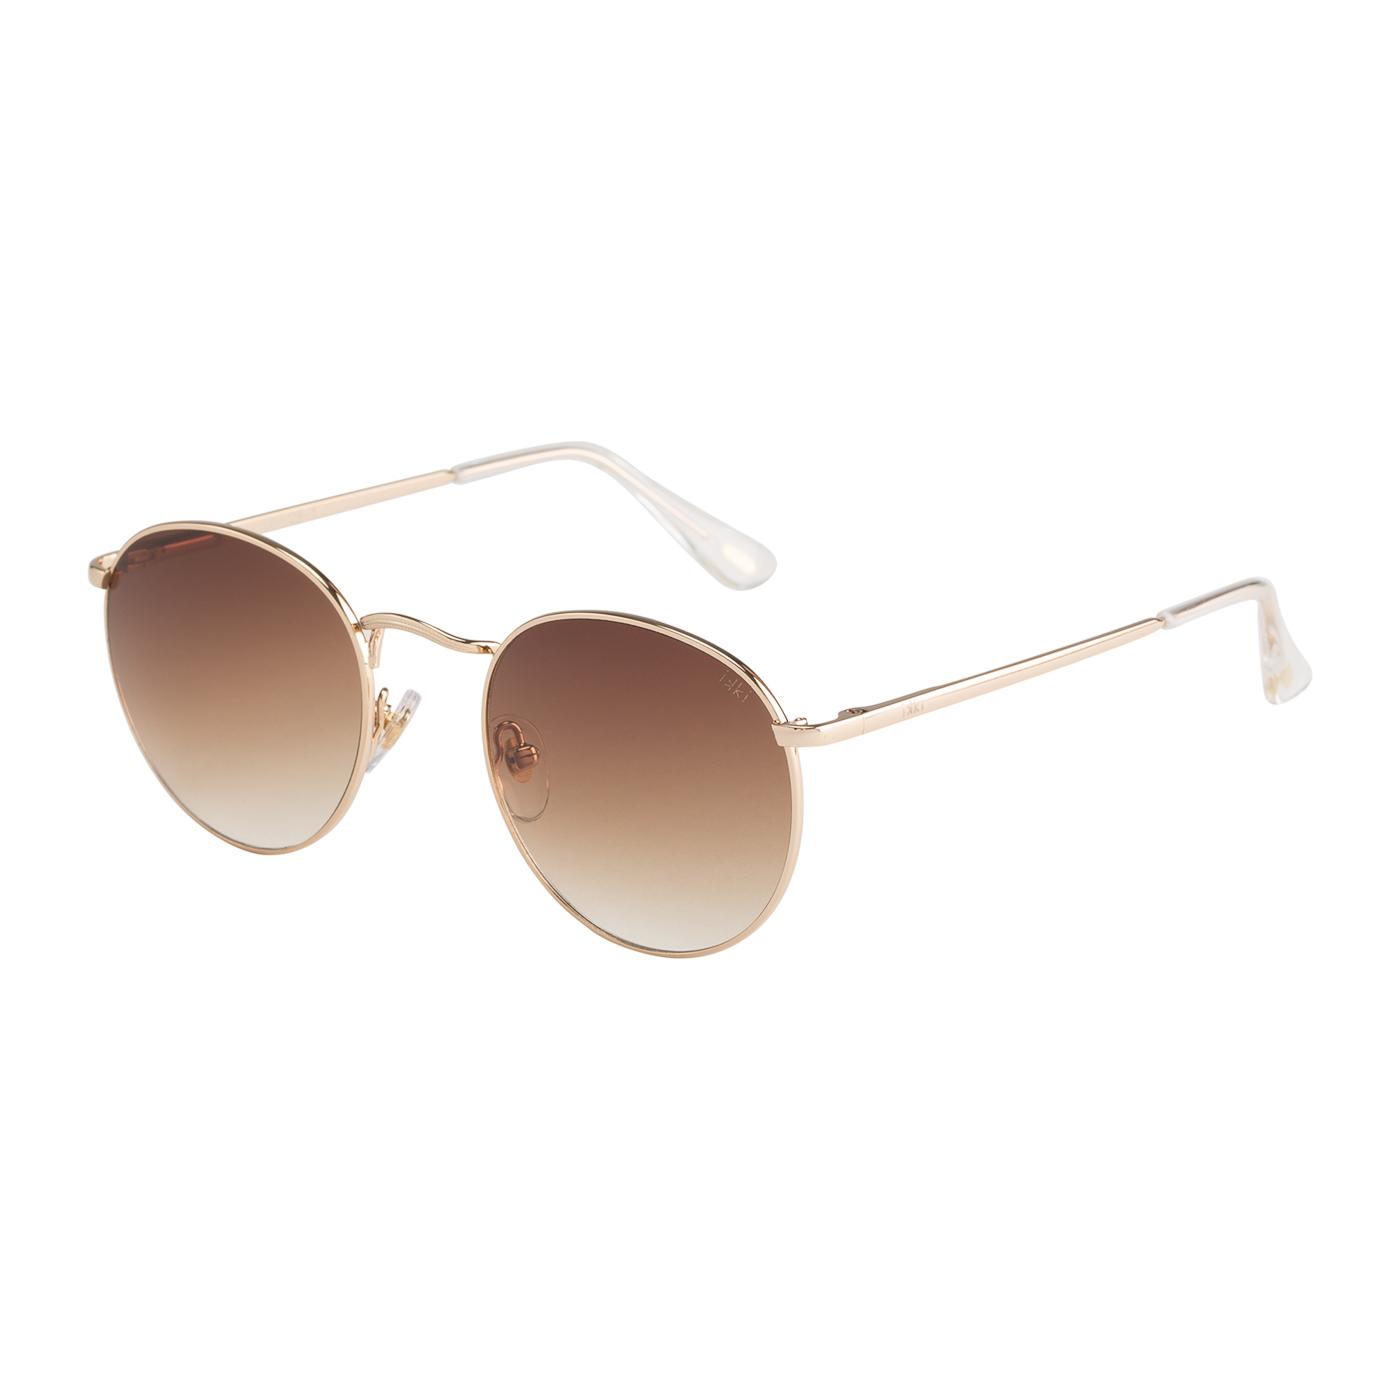 Artikel klicken und genauer betrachten! - Kauf die IKKI Easton Sonnenbrille Light Gold EASTON29-1 Sonnenbrille online in unserem webshop. Dies ist eine Damen und Herren-Sonnenbrille. Die Farbe des Gestells der Sonnebrille ist Gold und die Gläser sind Braun. Die IKKI Sonnenbrillen sinds echte Leichtgewichte und bieten daher einen optimalen Tragekomfort. An einer IKKI Easton Sonnenbrille Light Gold EASTON29-1 hast du jahrelang Freude. Wir sind offizieller Händler von IKKI Sonnenbrillen. Du erhältst darum auch die Standard-Garantie von 2 Jahre. Daneben bieten wir dir die Zeit, deine Sonnenbrille zu Hause in Ruhe anzuprobieren, und ggf. umzutauschen. Online eine Ray-Ban Sonnenbrille zu kaufen war noch nie so sicher. Diese sonnenbrille von IKKI wird kostenlos versendet ab 50 €.   im Online Shop kaufen